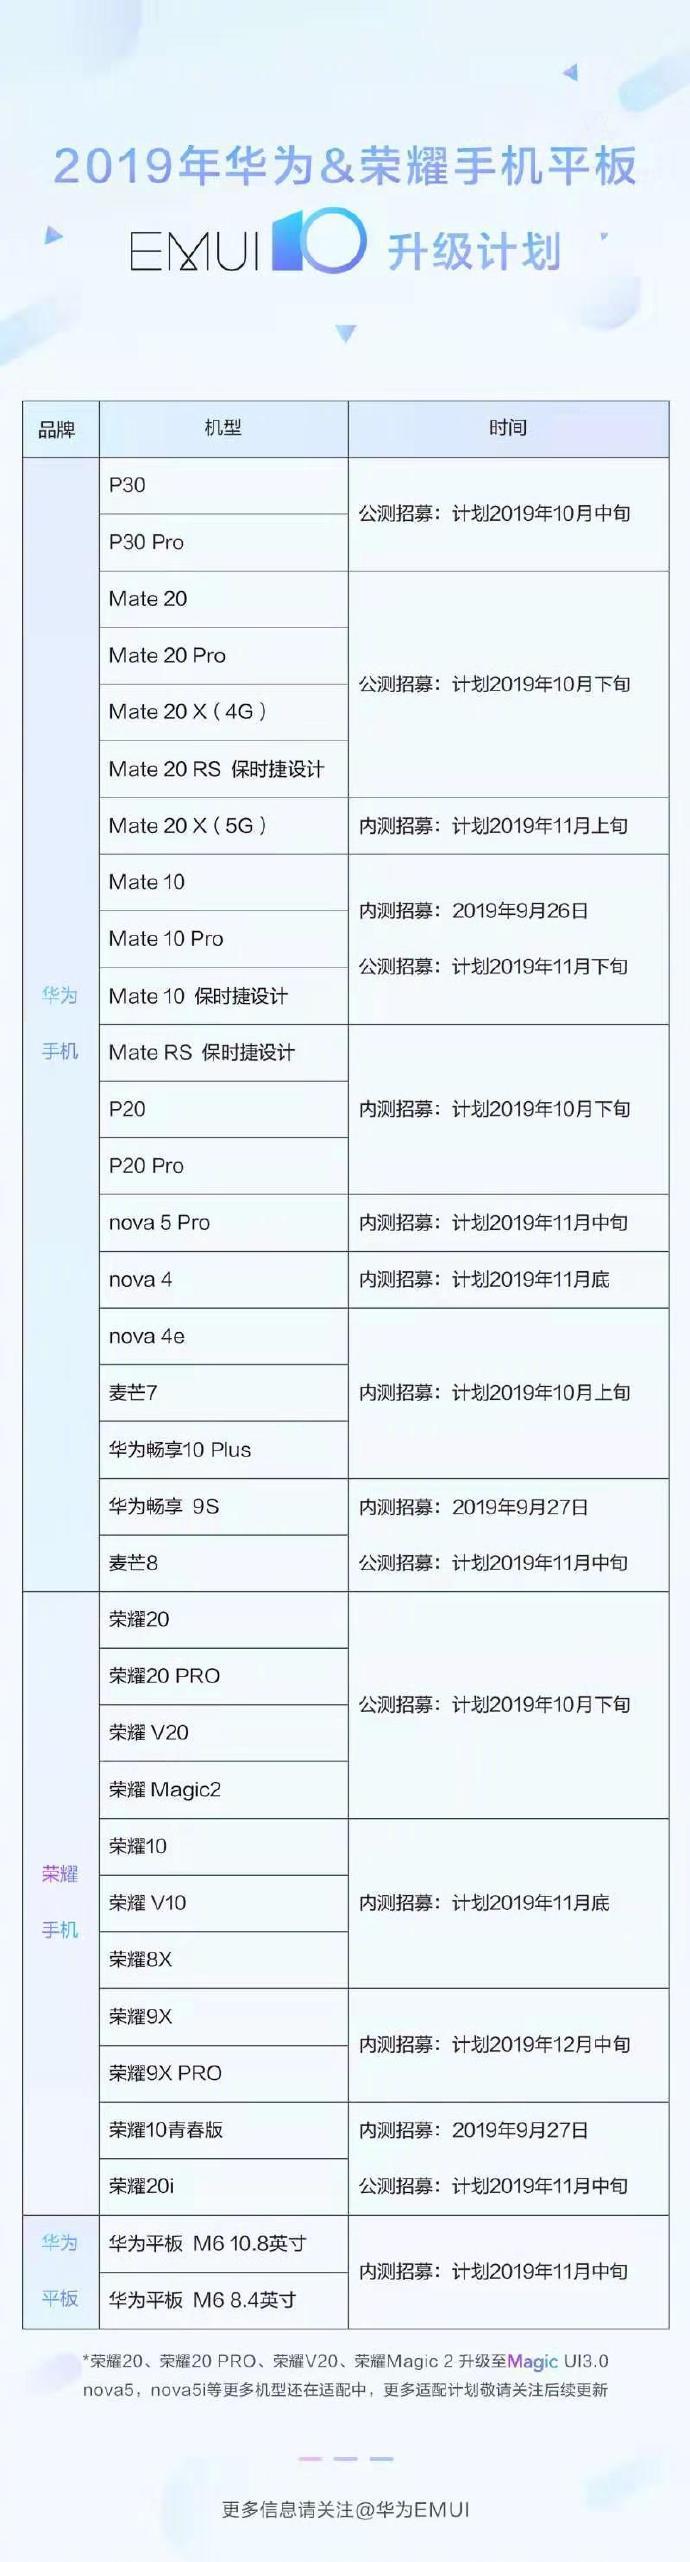 一图看懂2019年华为/荣耀手机平板EMUI10升级计划